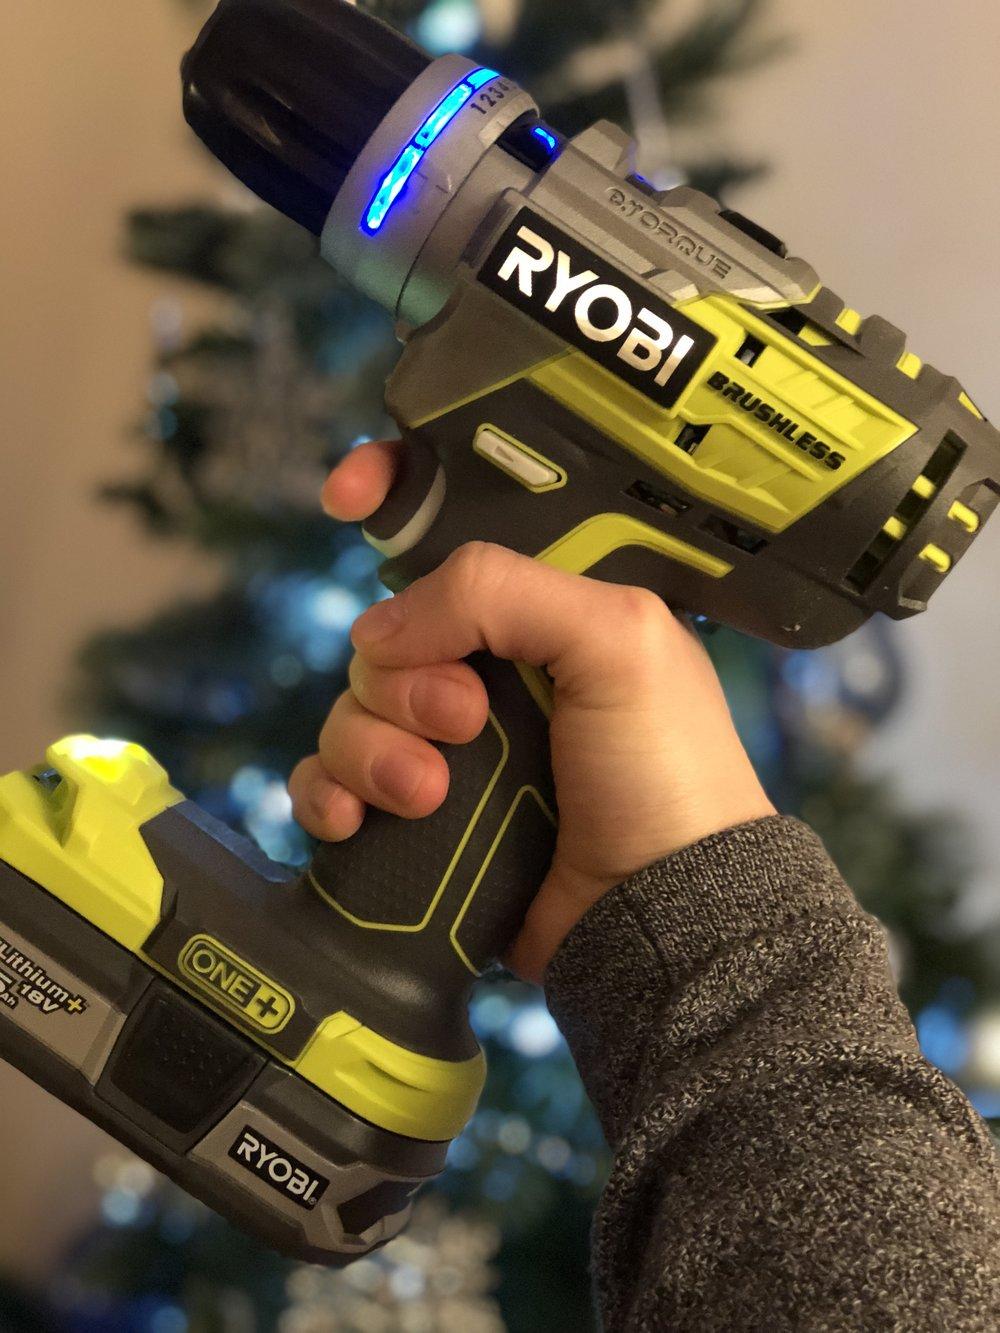 Ryobi 18v Brushless Cordless Drill - Gift set for £249.99